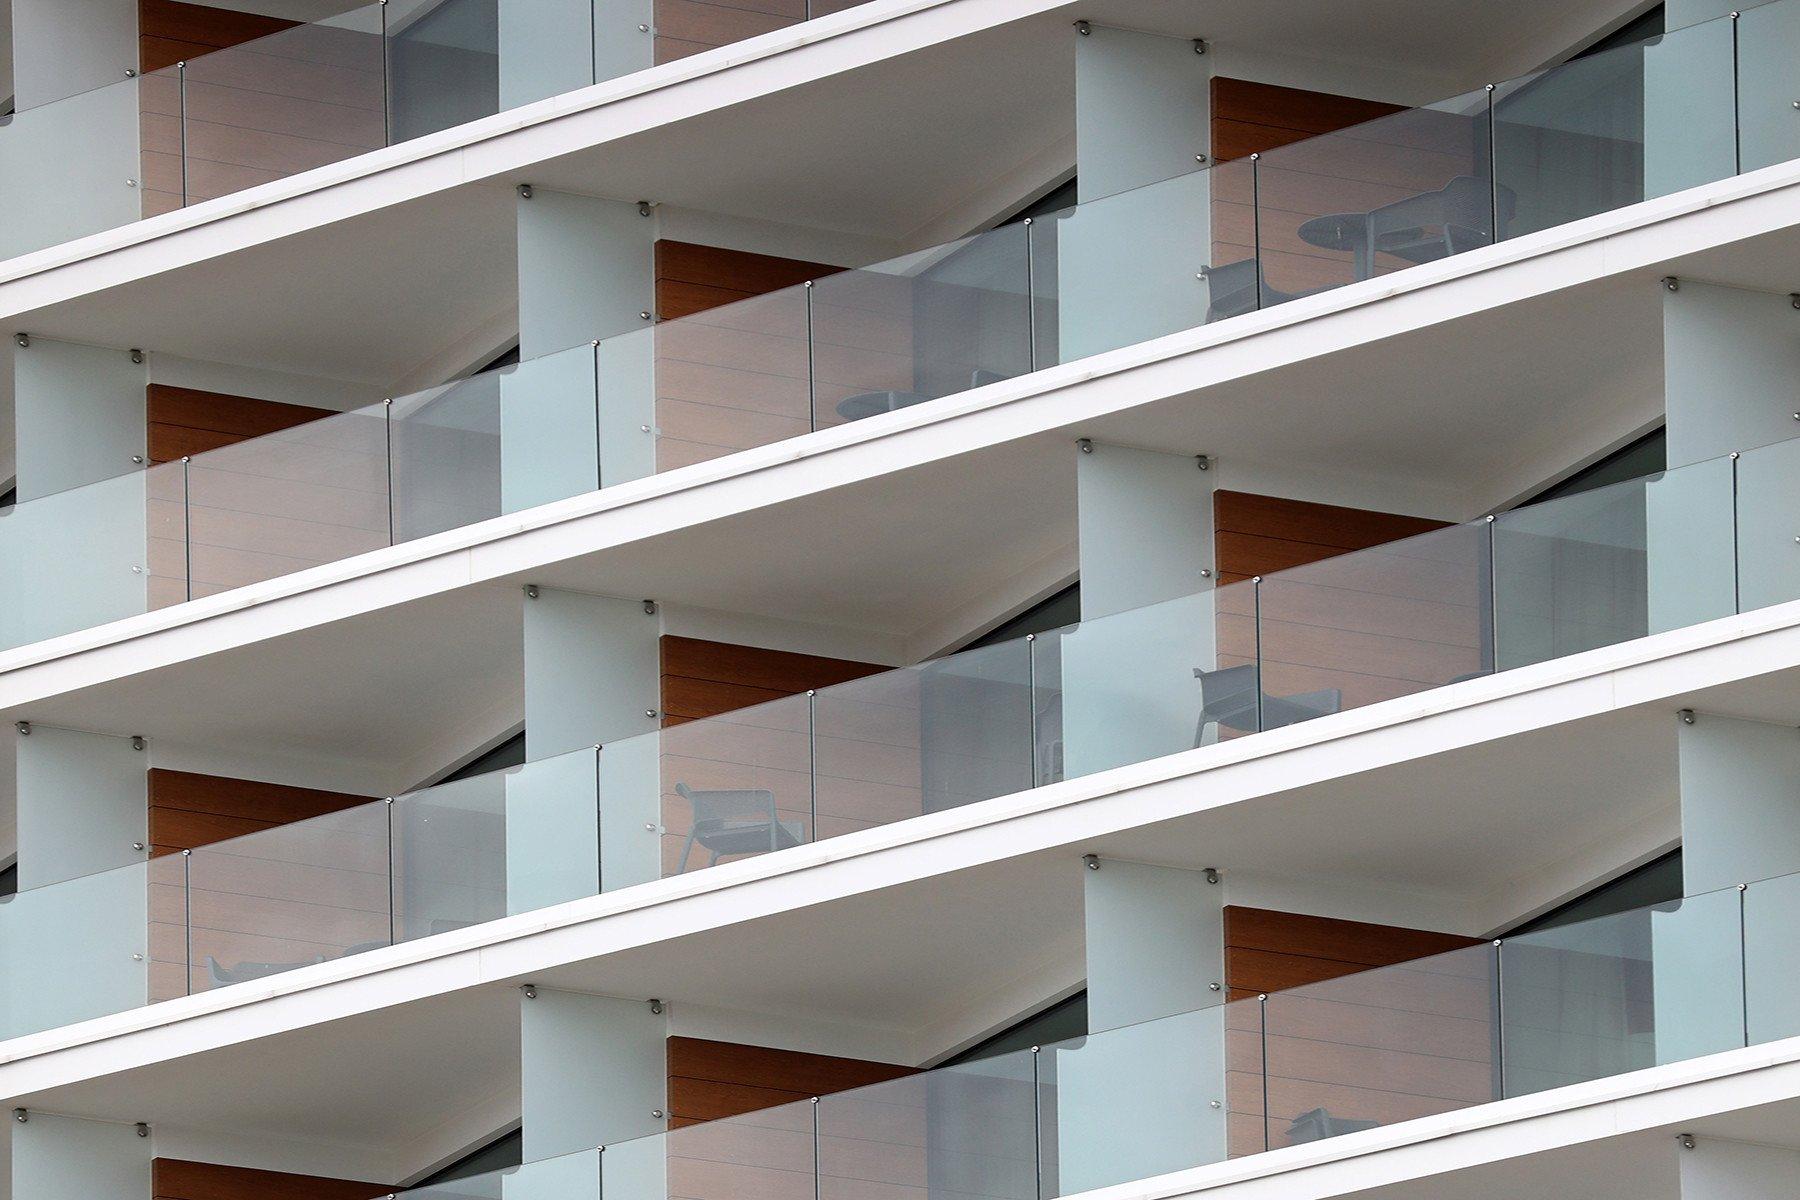 Moderne Hotelanlage mit Glasgeländer ANTE als Absturzsicherung für Balkon und Dachterrasse